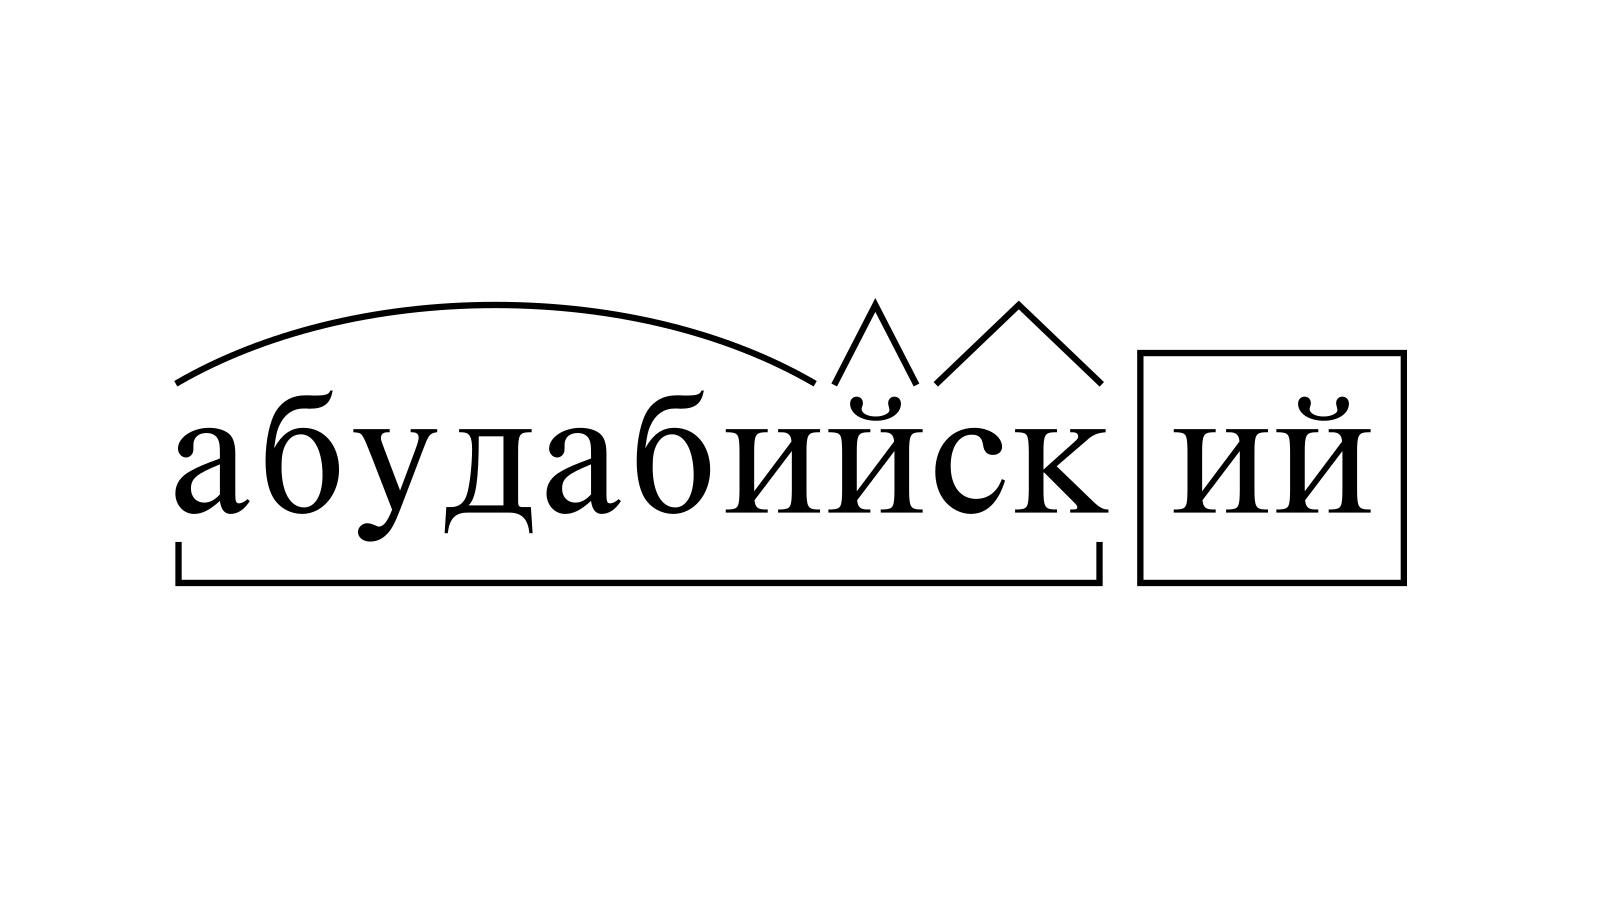 Разбор слова «абудабийский» по составу